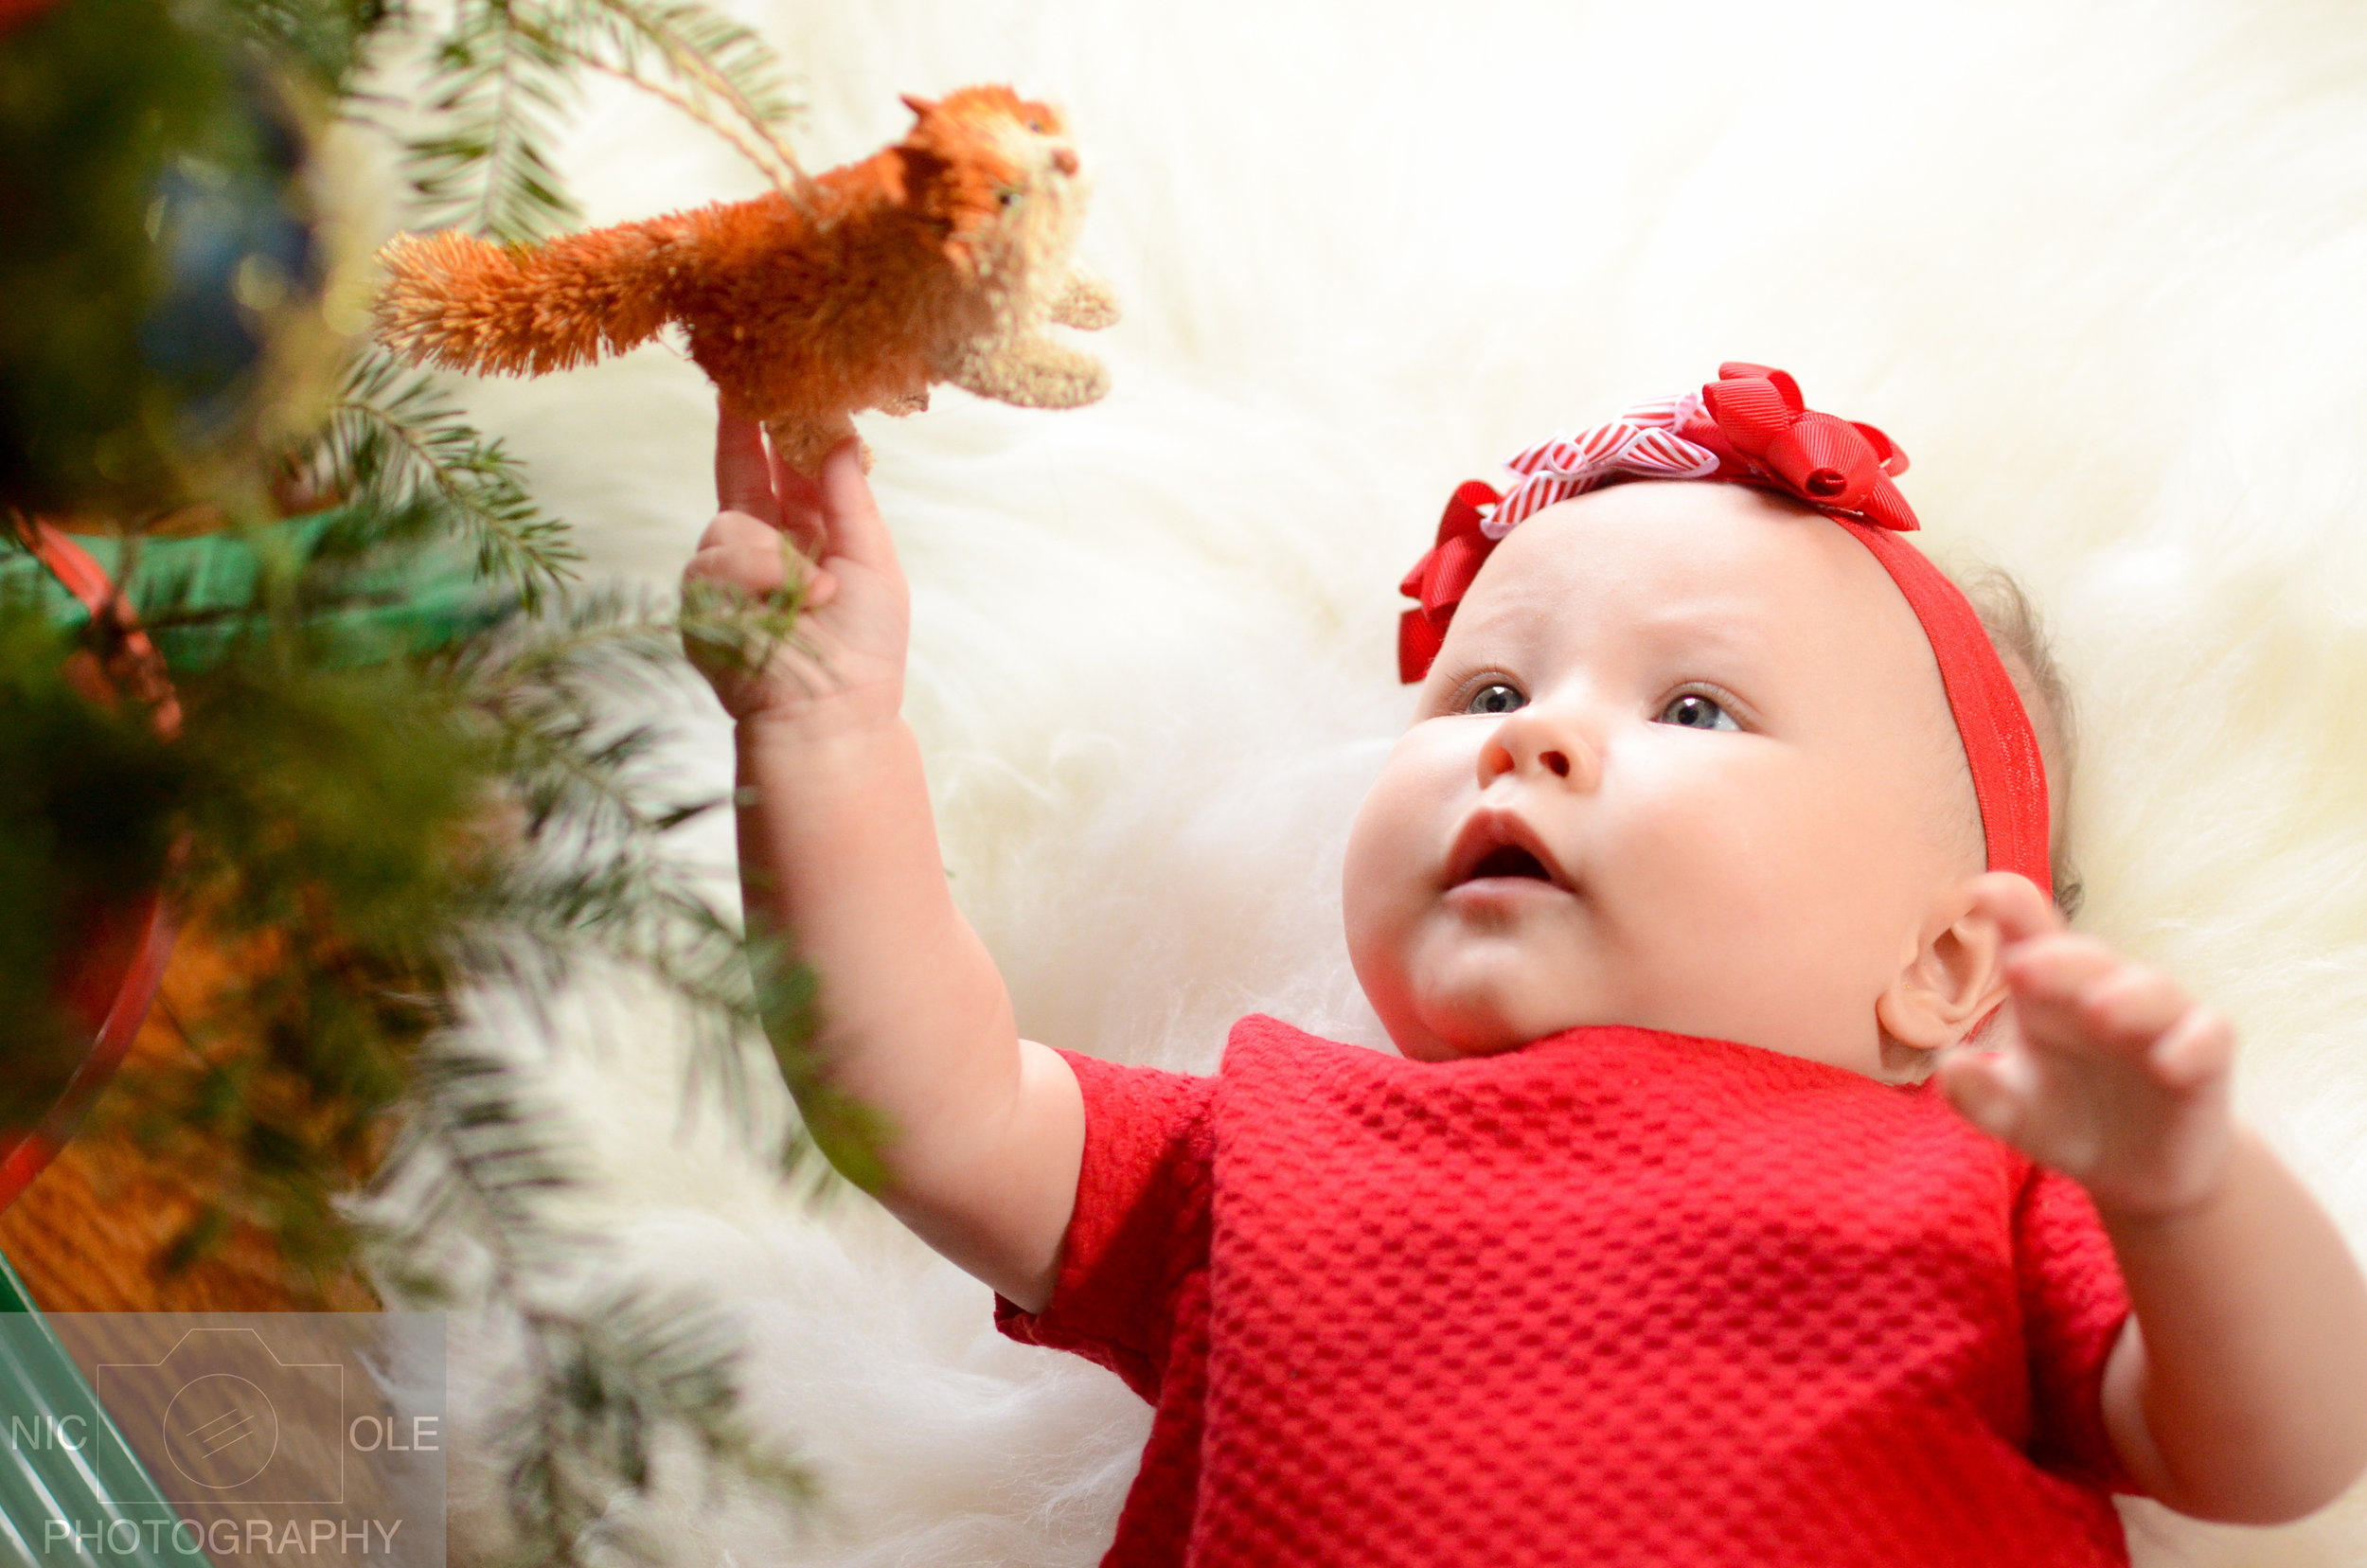 O&Z Christmas Photos- Nic.Ole Photography-4.jpg